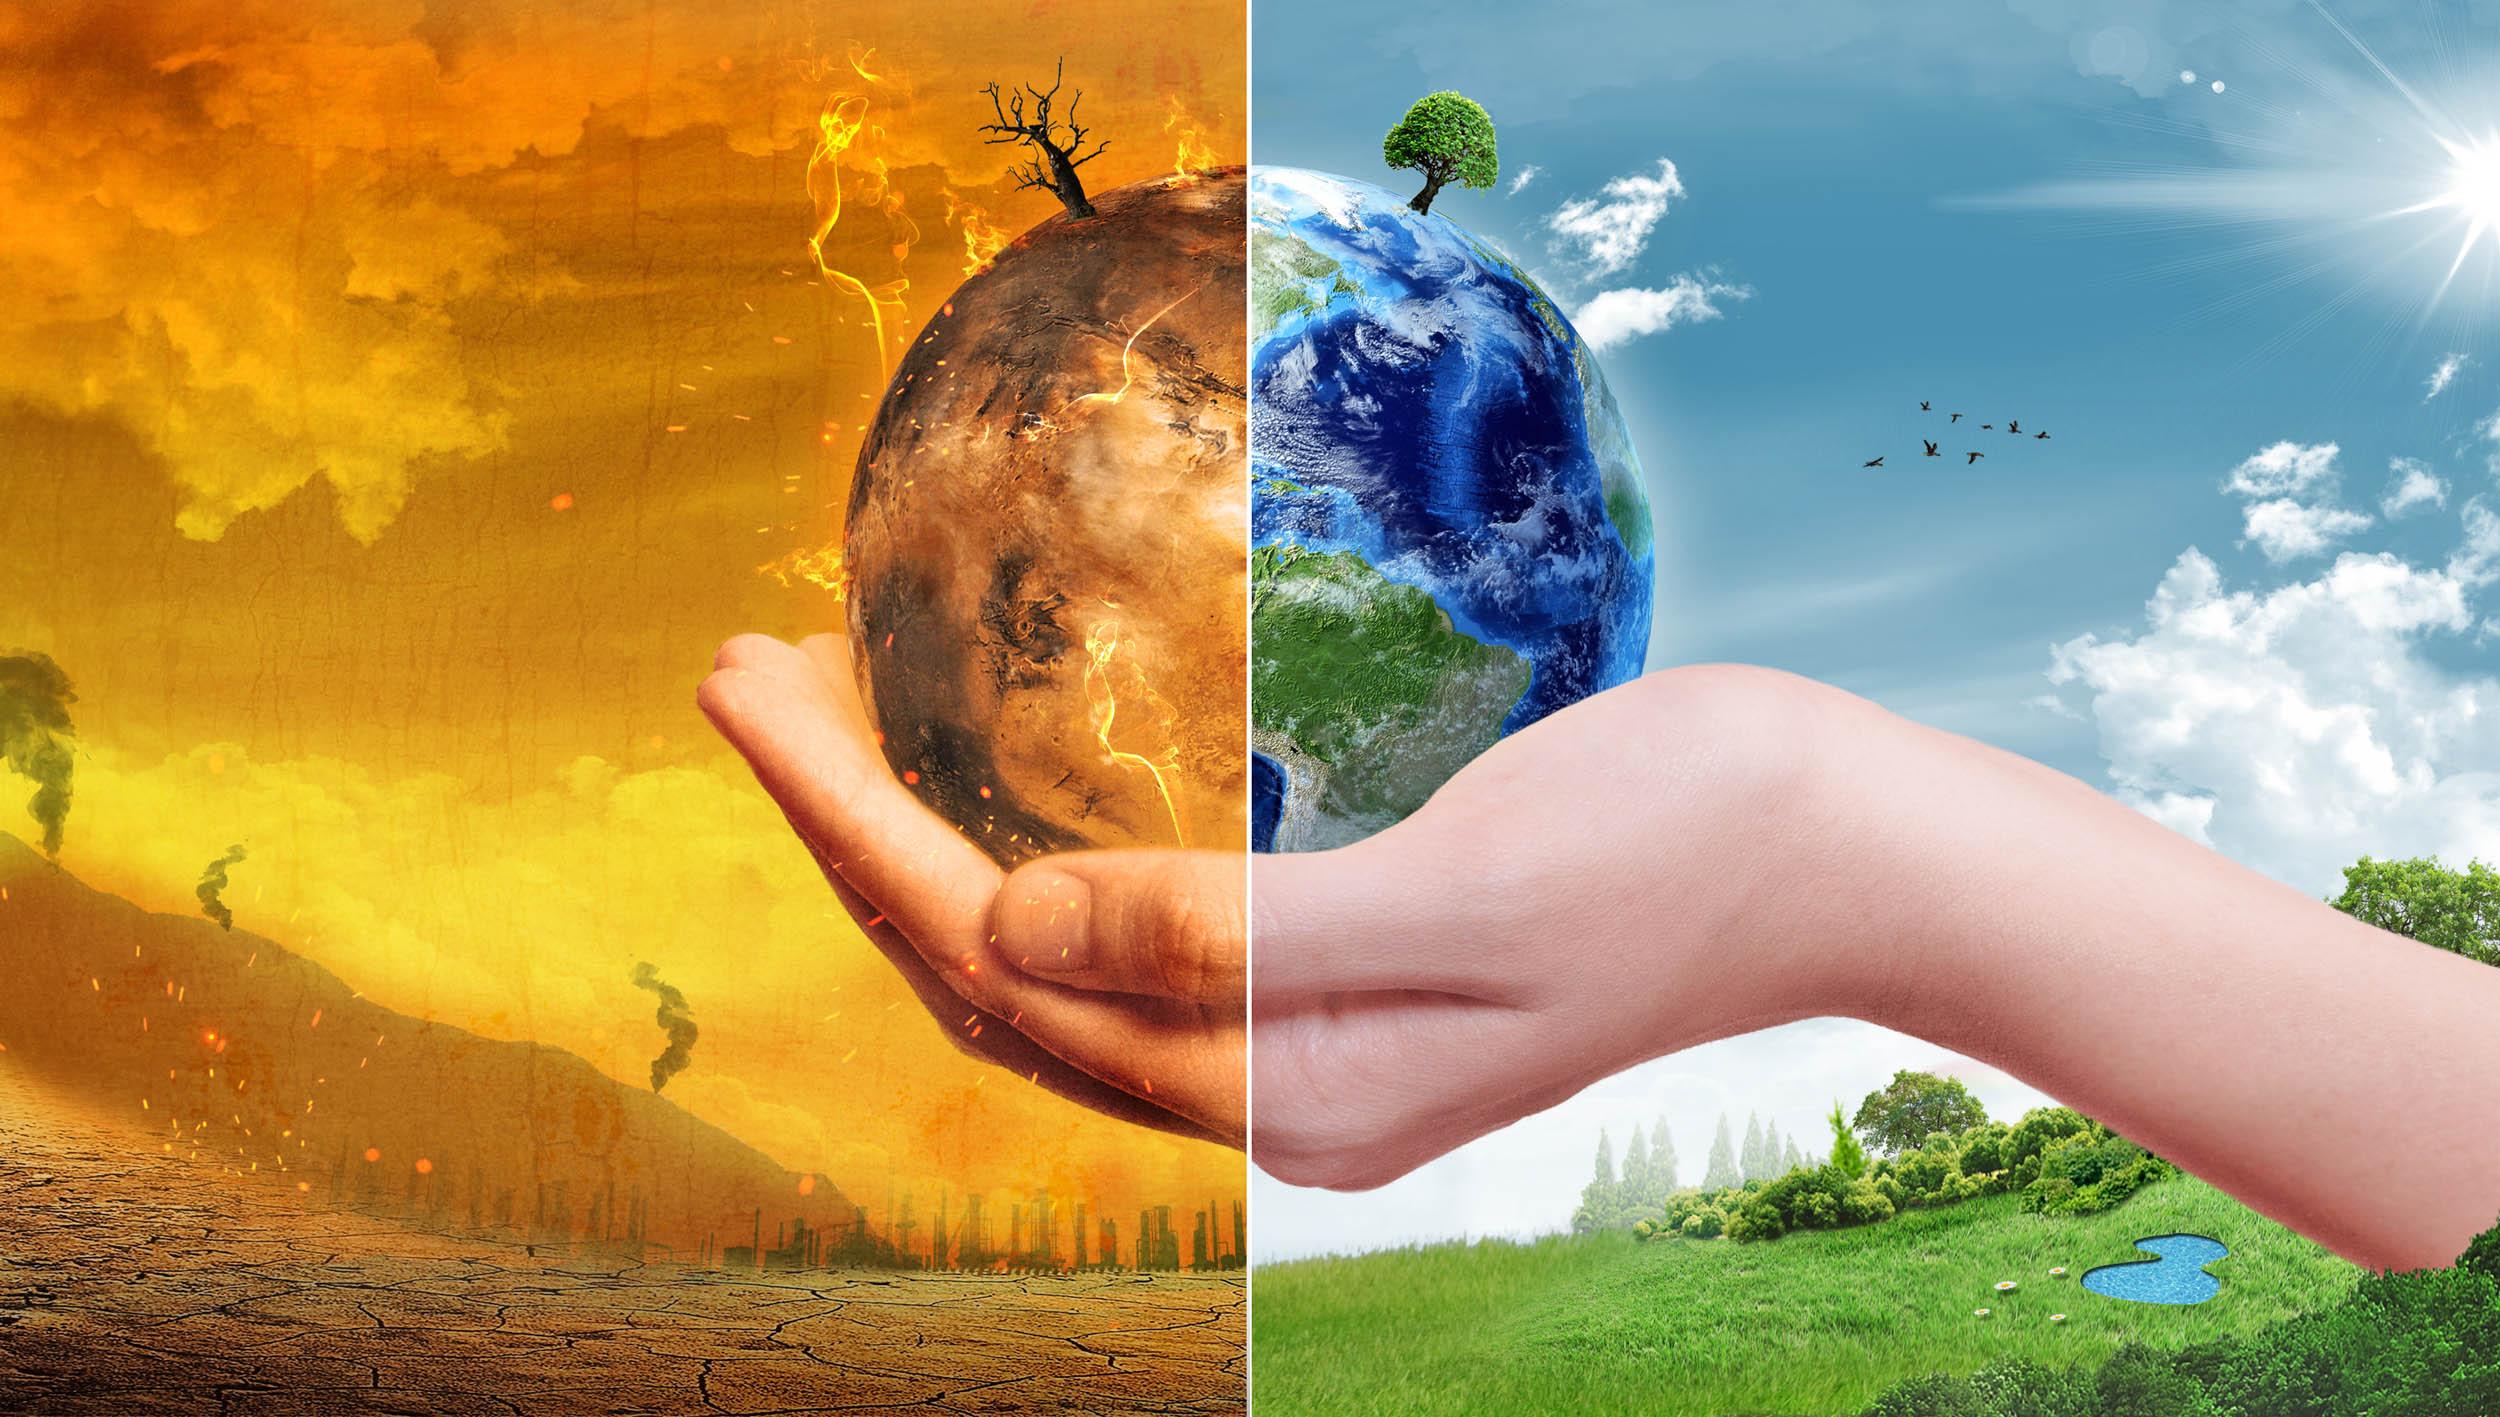 Проклятие или спасение человечества?